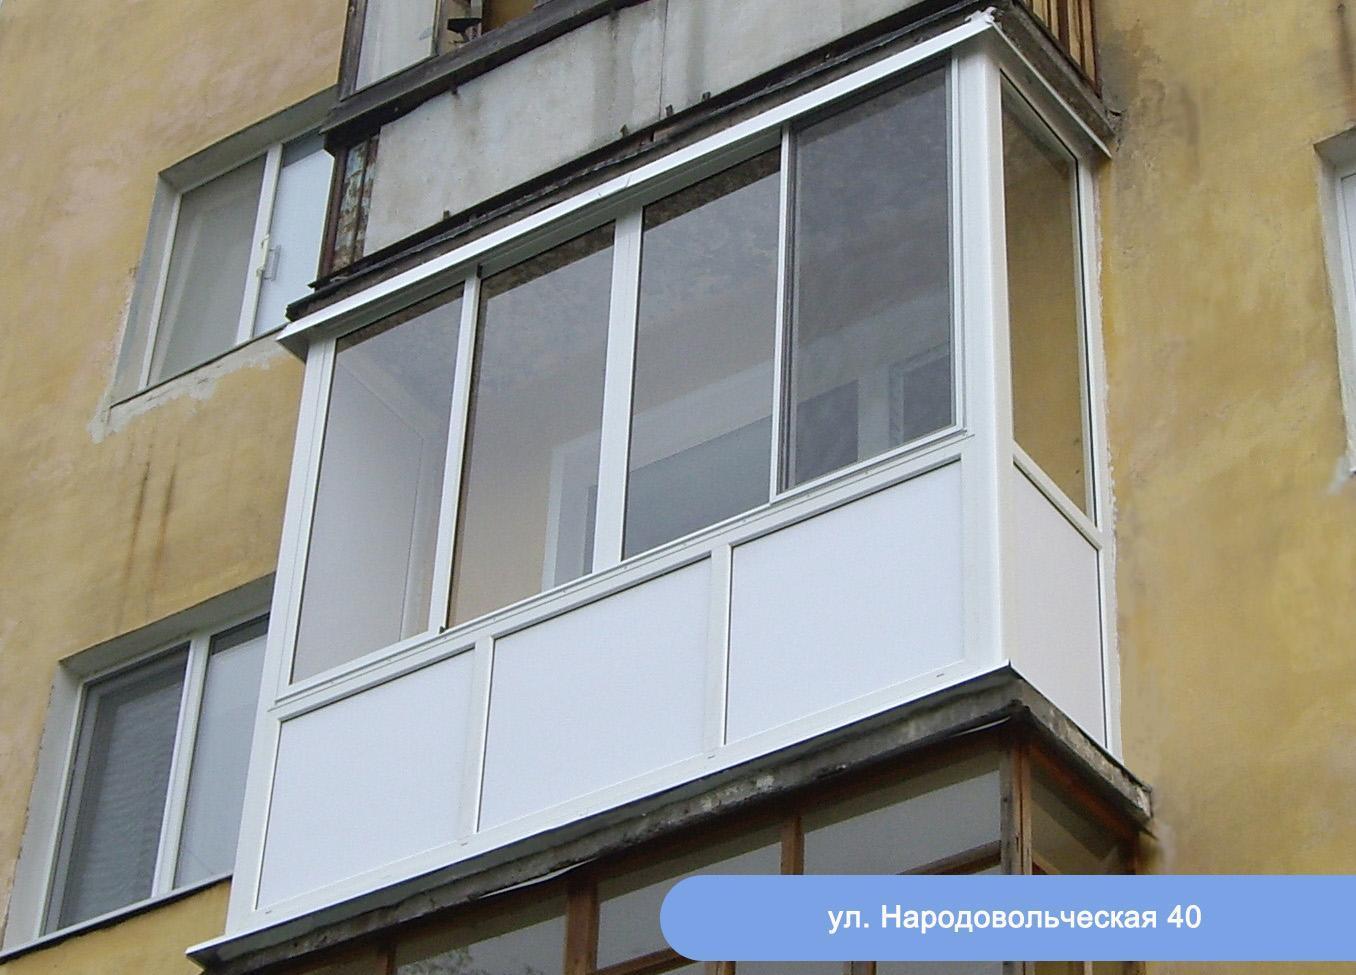 Окна, двери, остекление балконов и лоджий . цена - договорна.